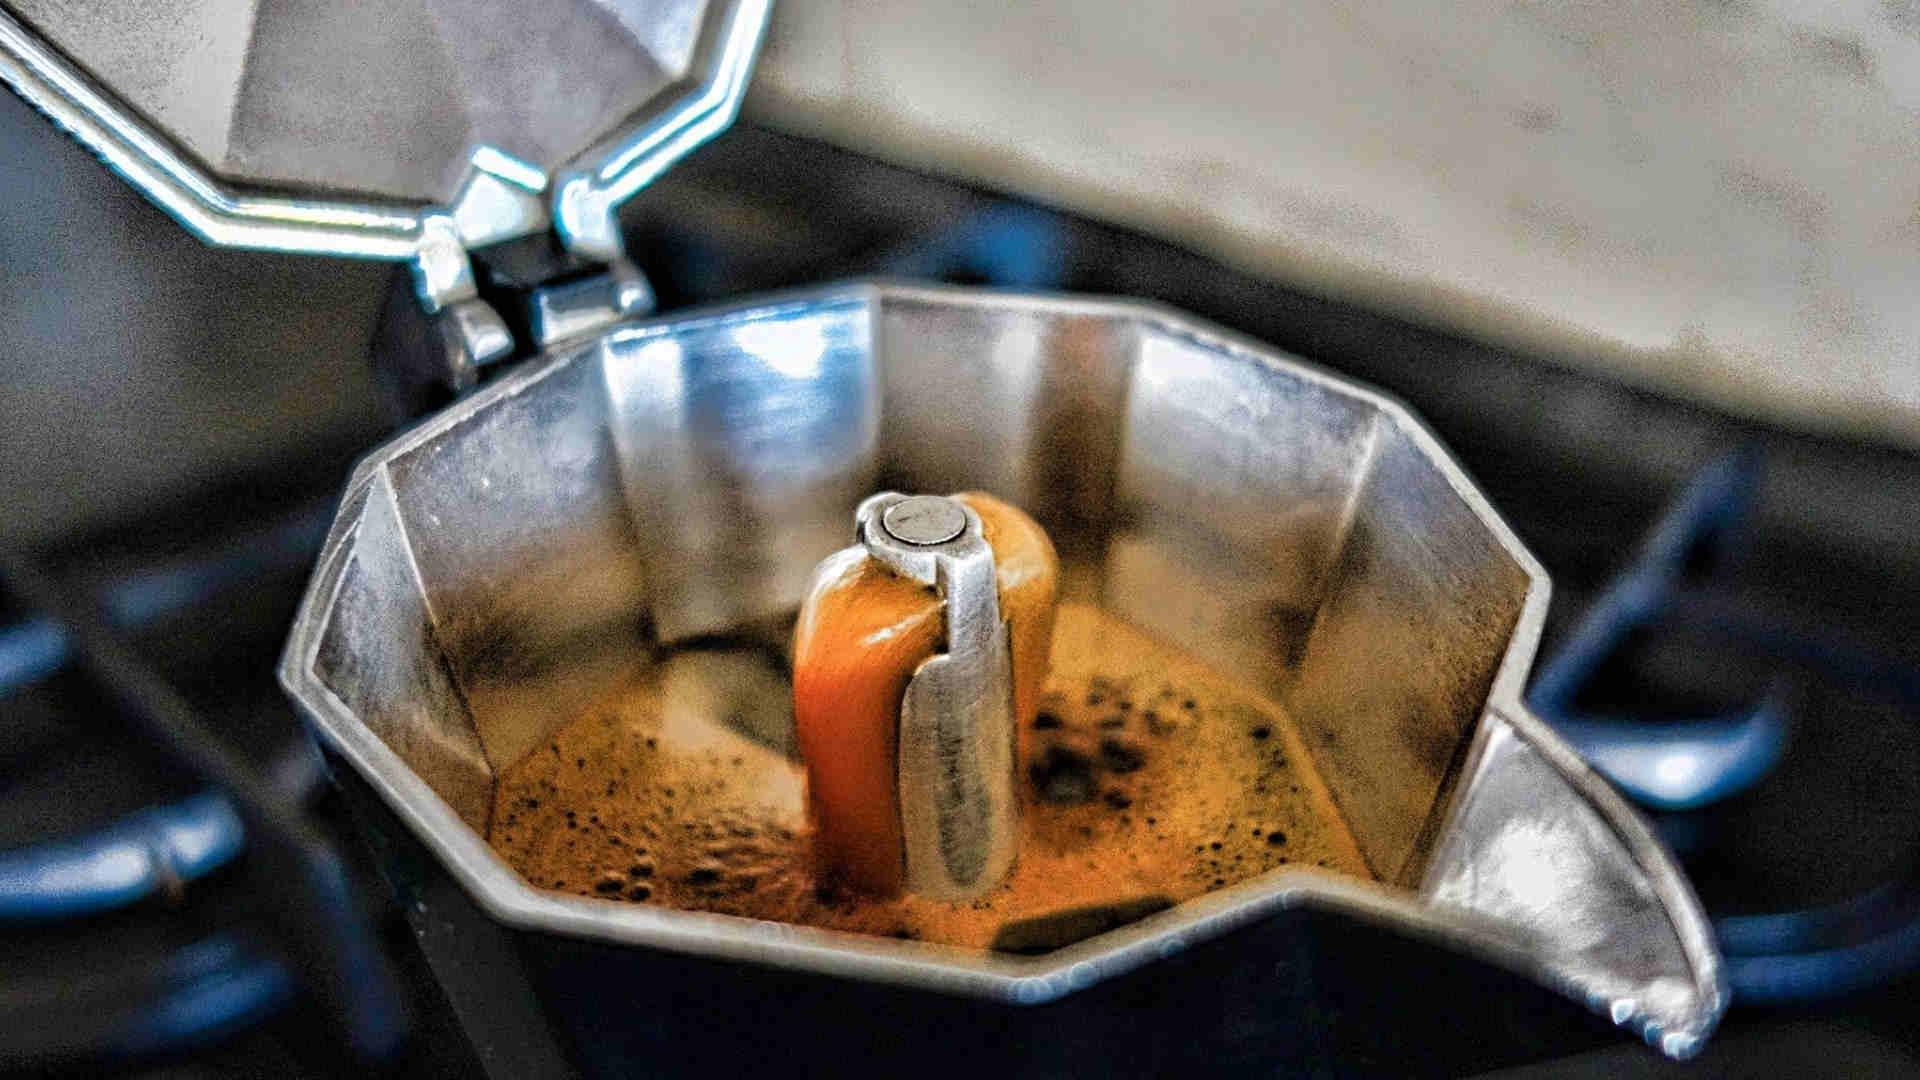 Le migliori Moka per fare un espresso di qualità